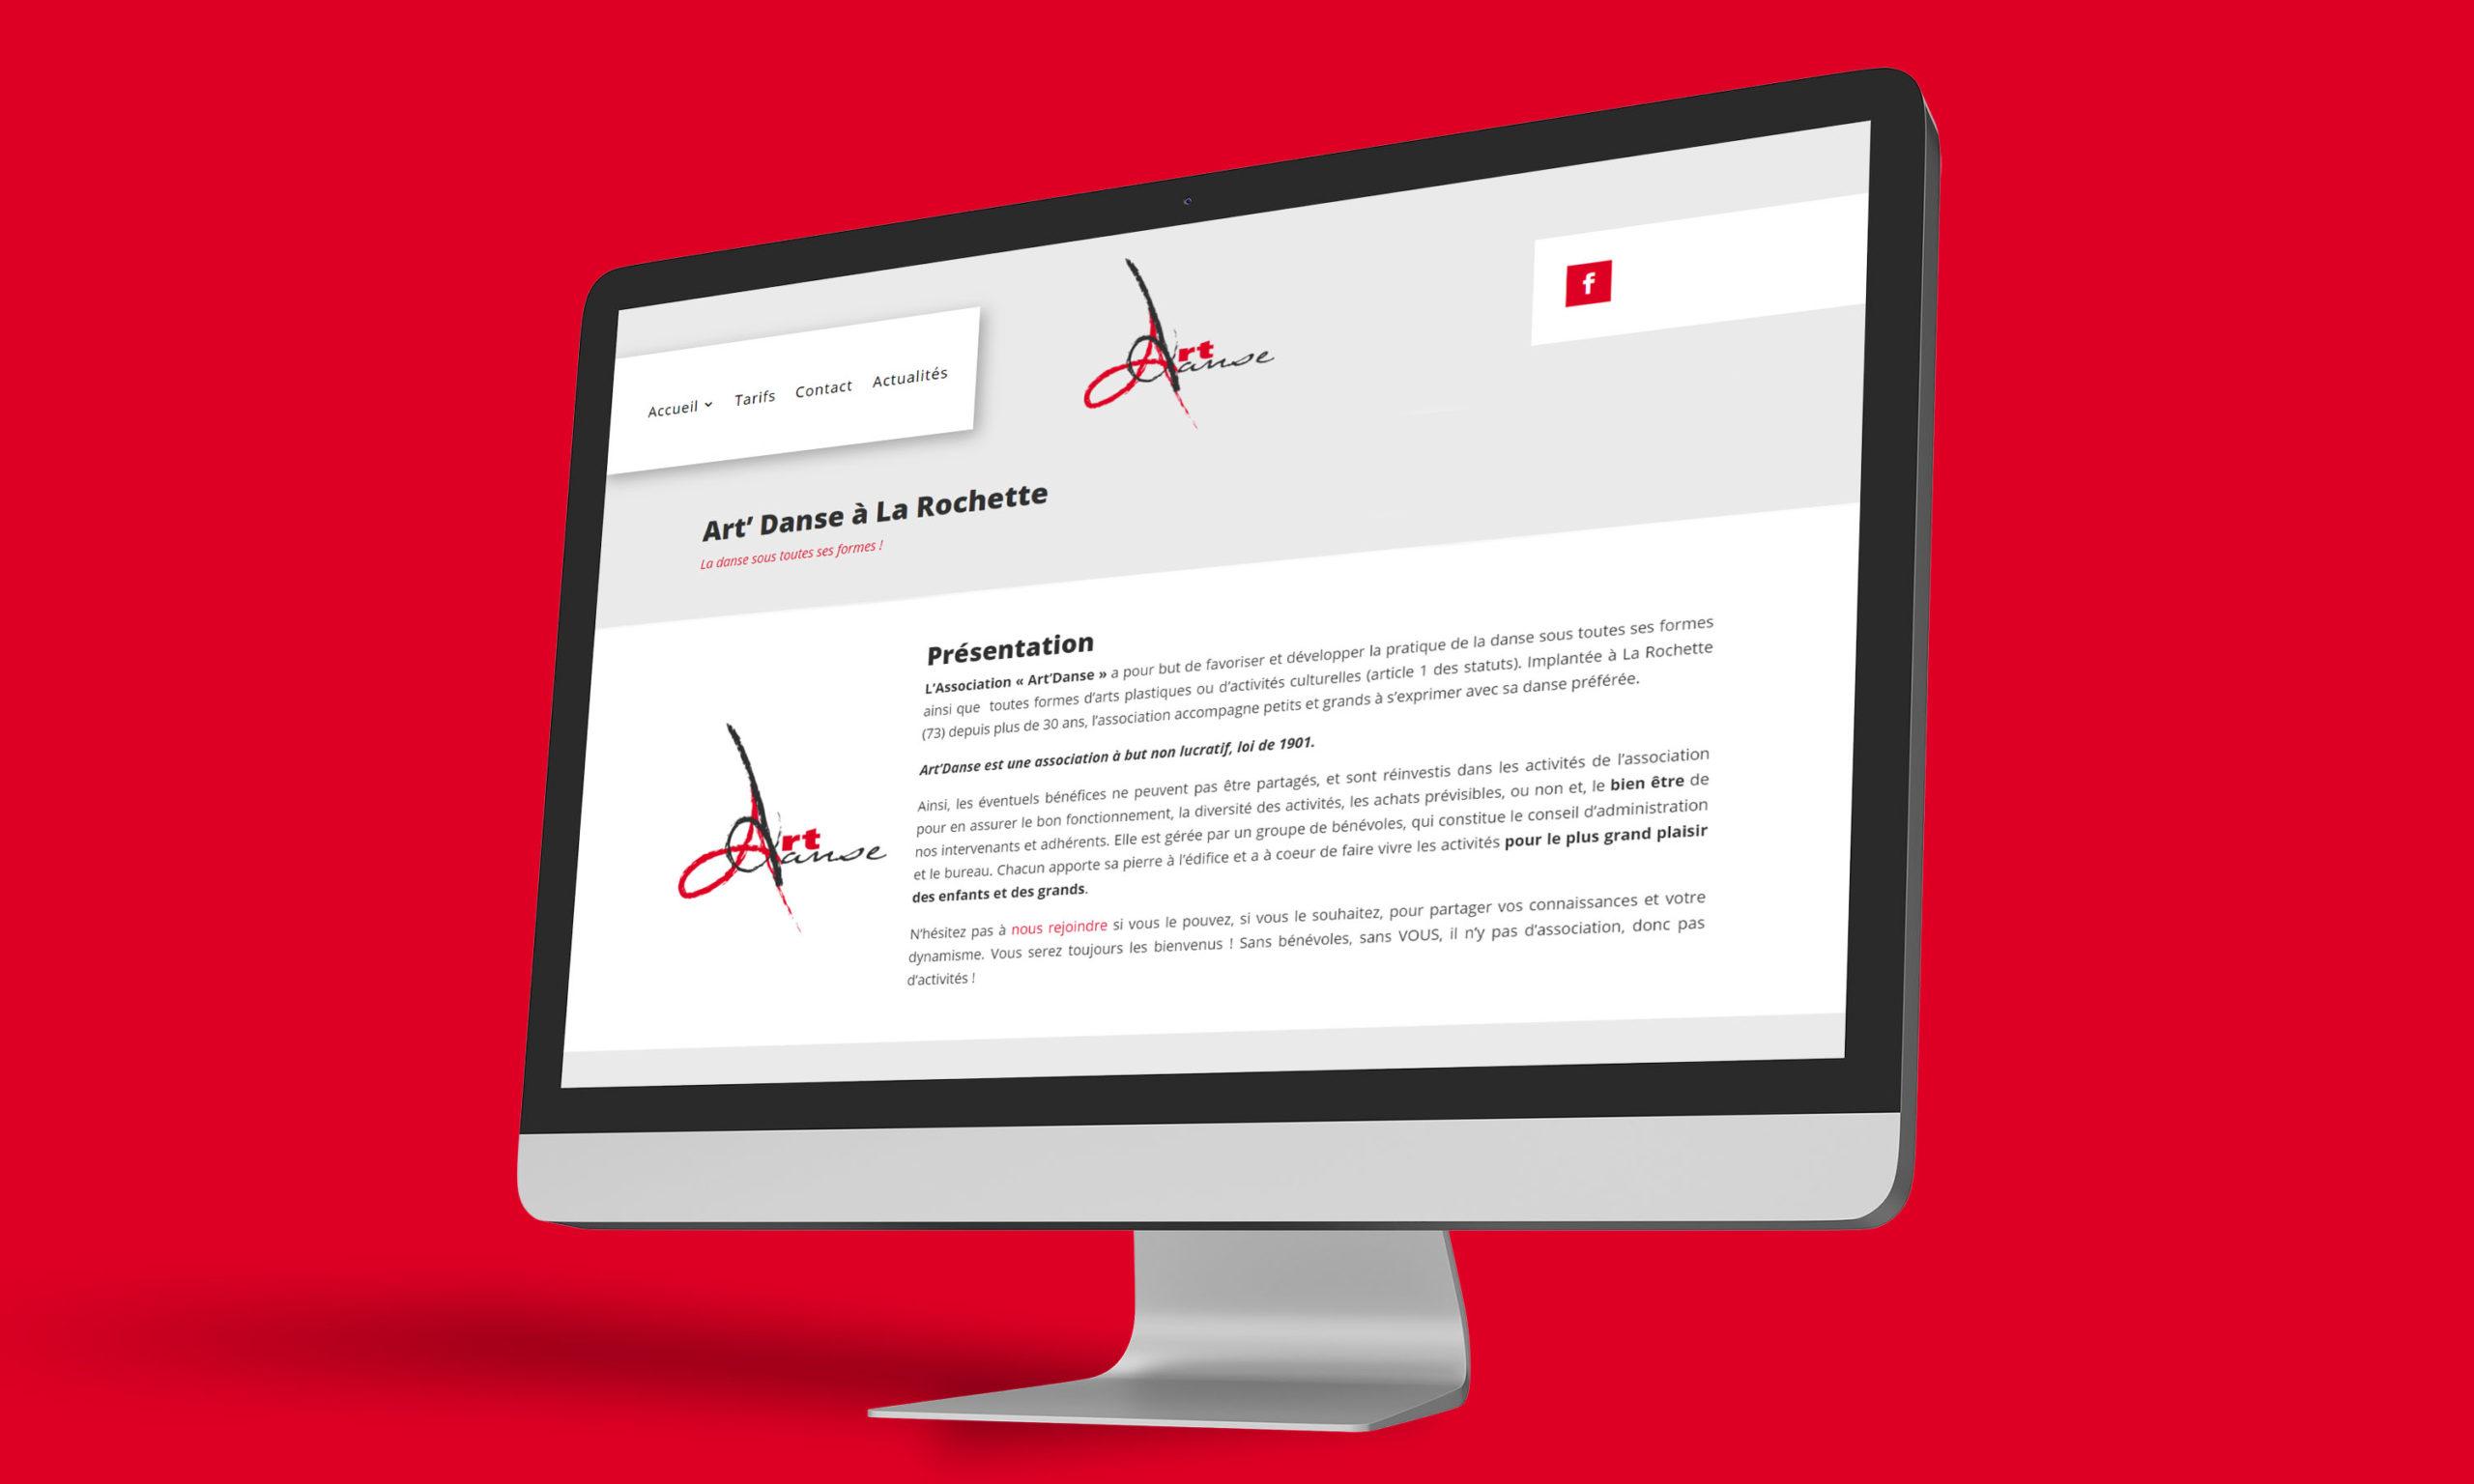 Visuel du site web créé pour l'association Art Danse à La Rochette, sur ordinateur